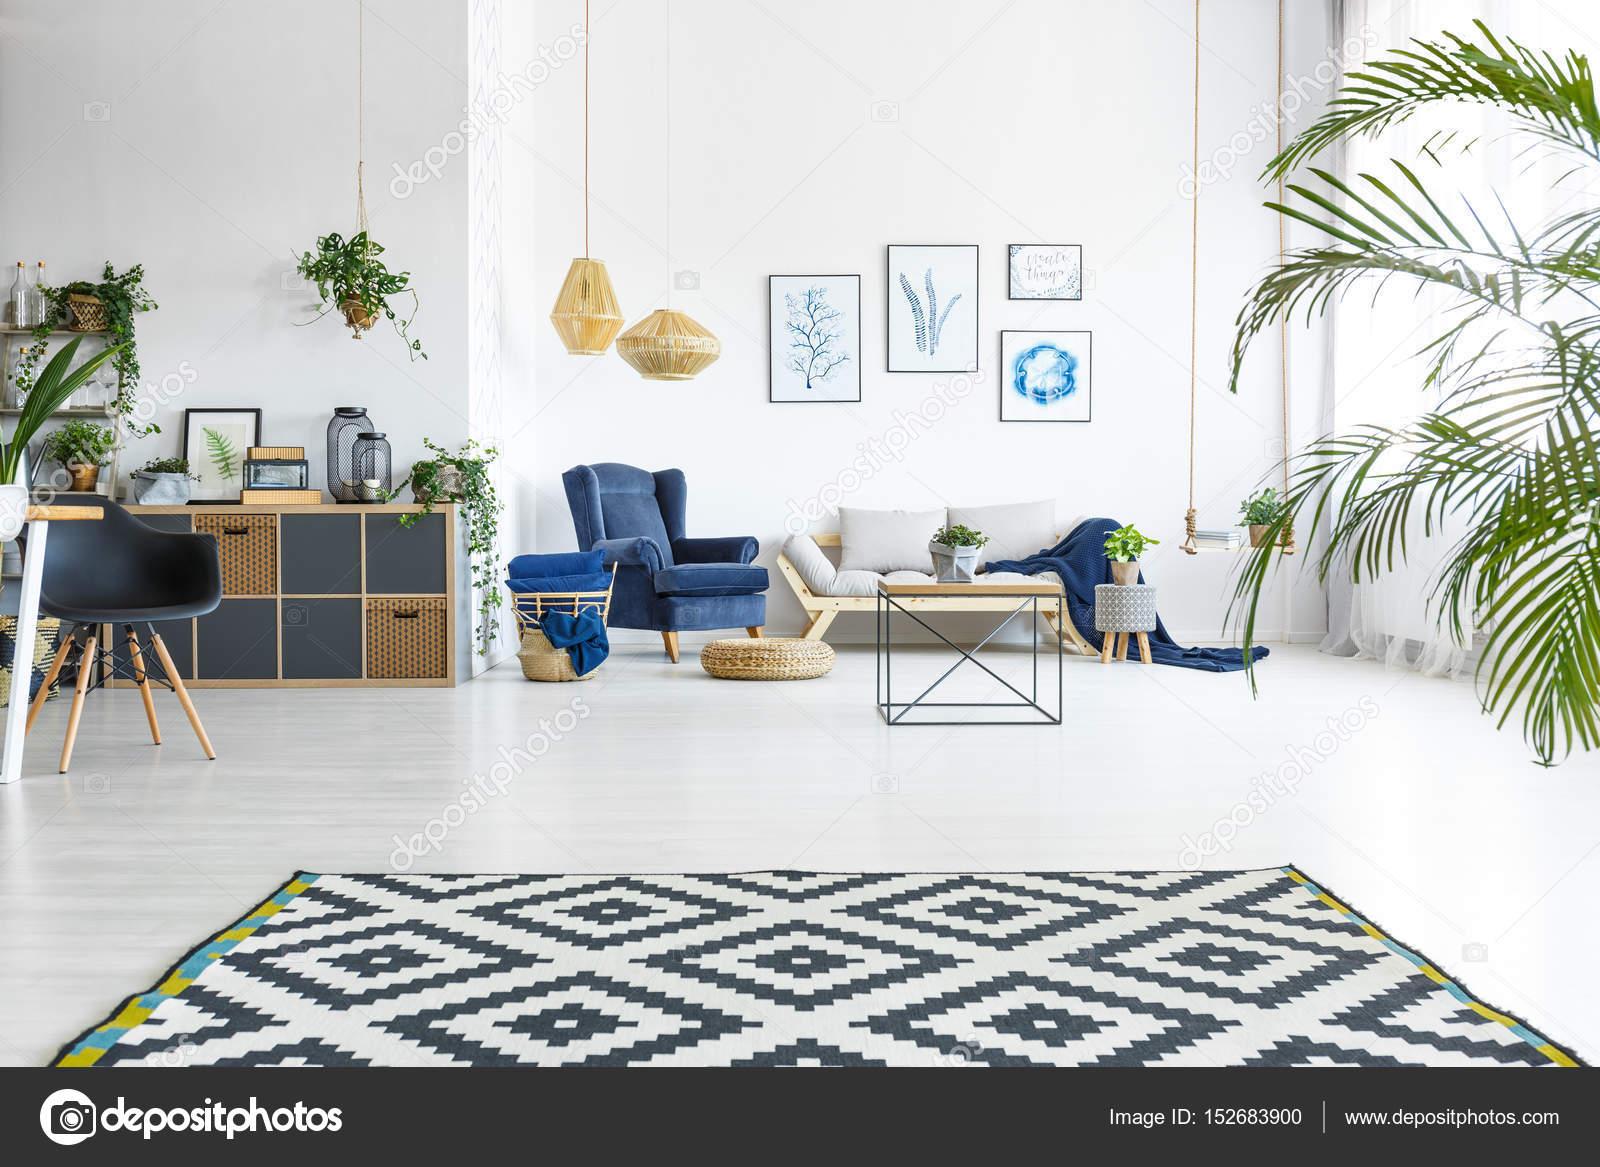 Offenes Wohnzimmer offenes wohnzimmer mit pflanzen stockfoto photographee eu 152683900